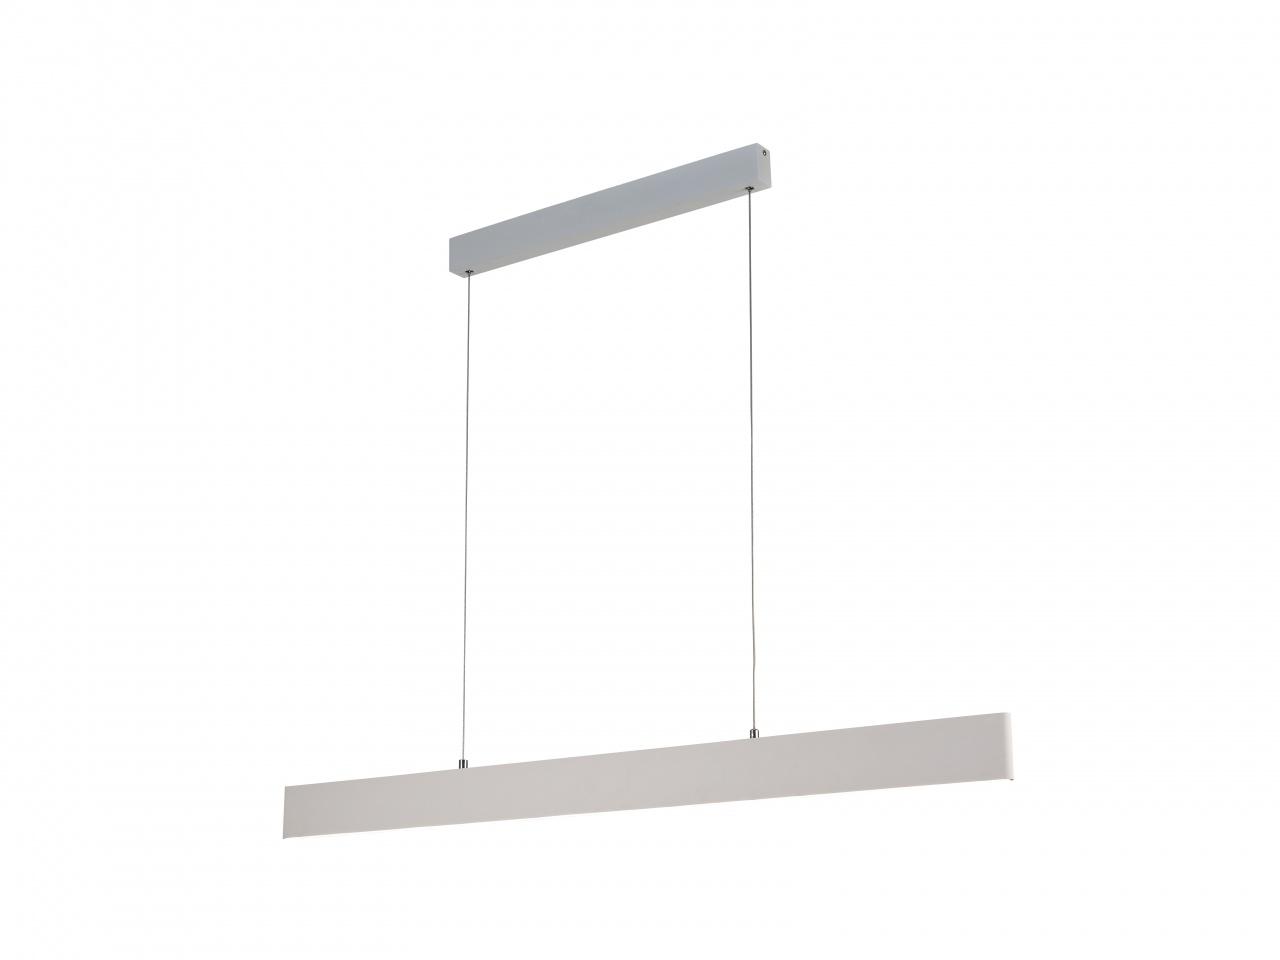 Купить Подвесной светодиодный светильник Mantra Petaca, inmyroom, Испания